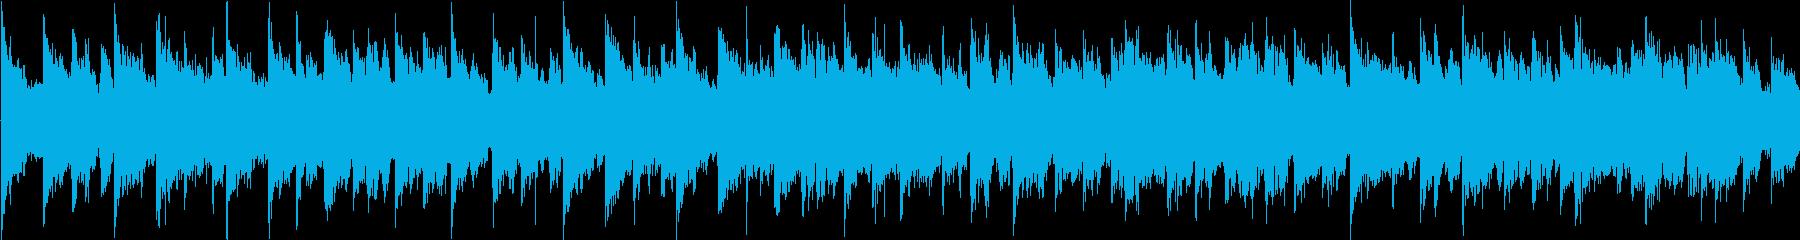 ほのぼのした雰囲気のゲーム向けループ曲の再生済みの波形